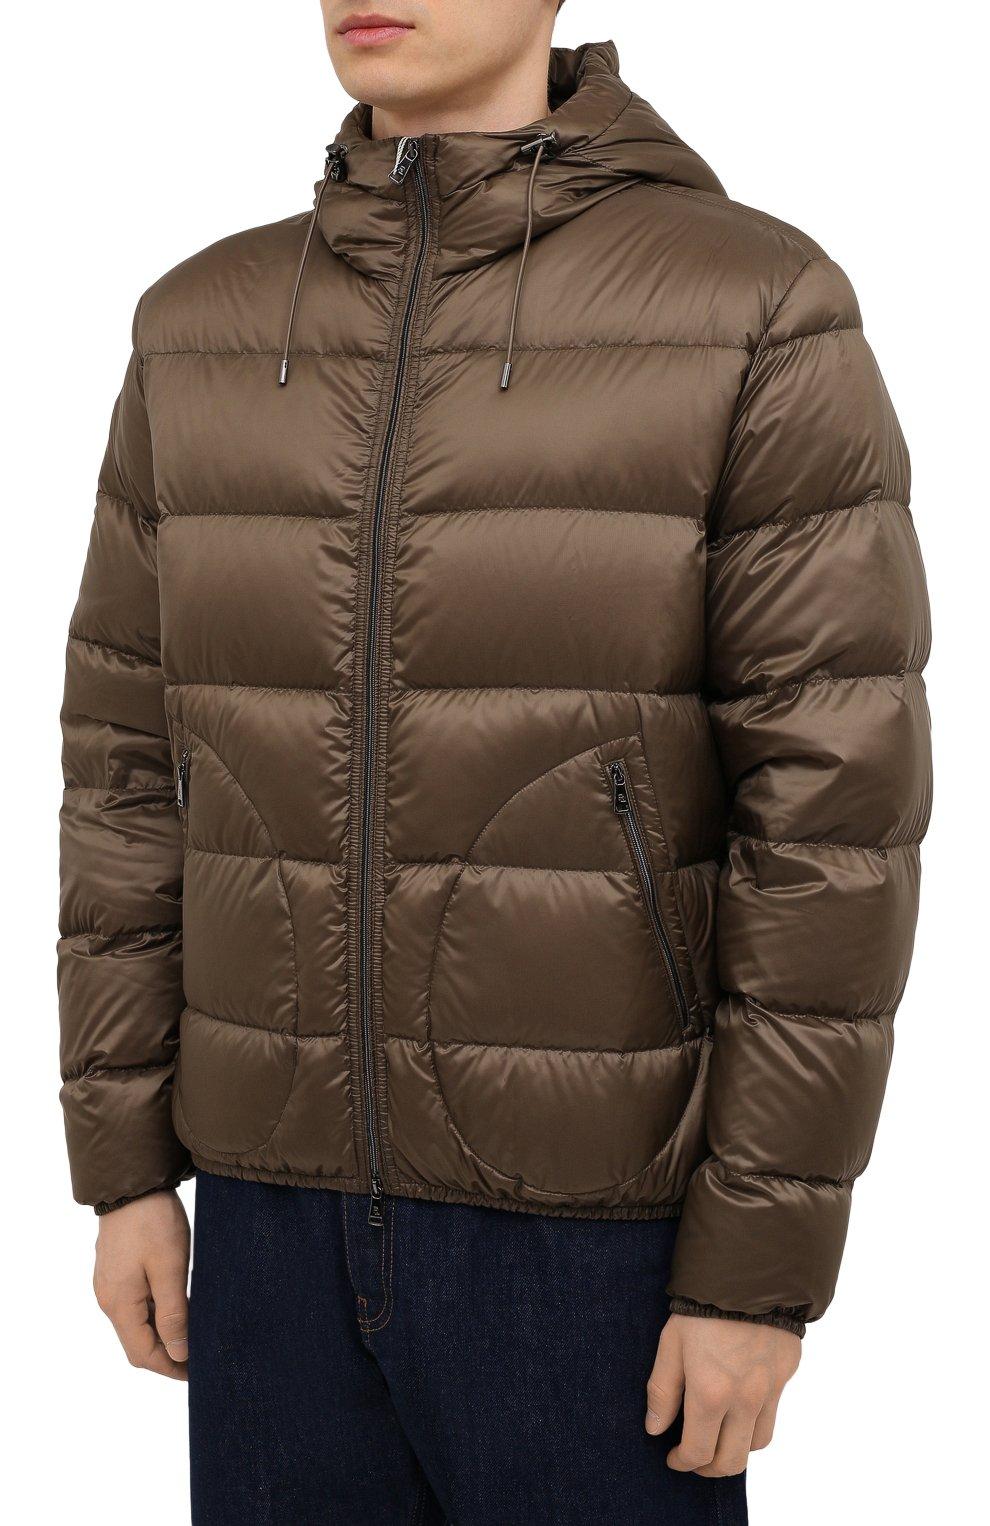 Мужская пуховая куртка RALPH LAUREN коричневого цвета, арт. 790774258 | Фото 3 (Кросс-КТ: Куртка; Мужское Кросс-КТ: пуховик-короткий; Рукава: Длинные; Материал внешний: Синтетический материал; Материал подклада: Синтетический материал; Длина (верхняя одежда): Короткие; Материал утеплителя: Пух и перо; Стили: Кэжуэл)